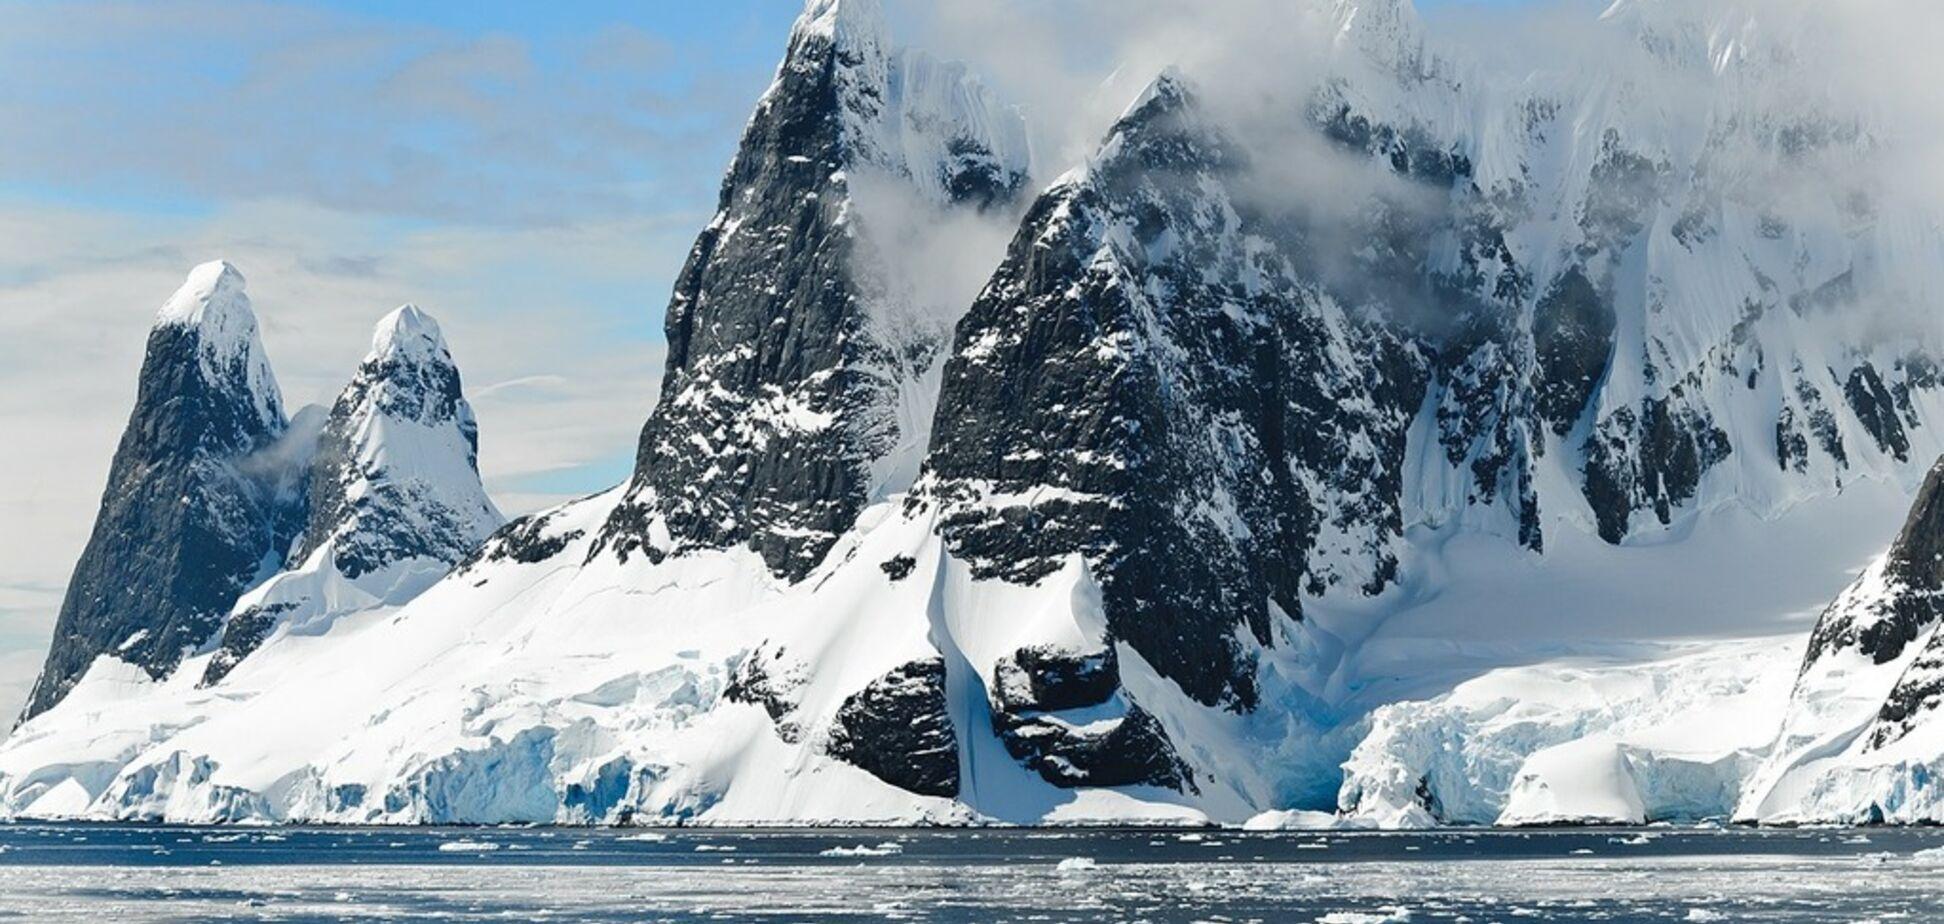 Серед снігів і айсбергів: українці зможуть проголосувати навіть в Антарктиді